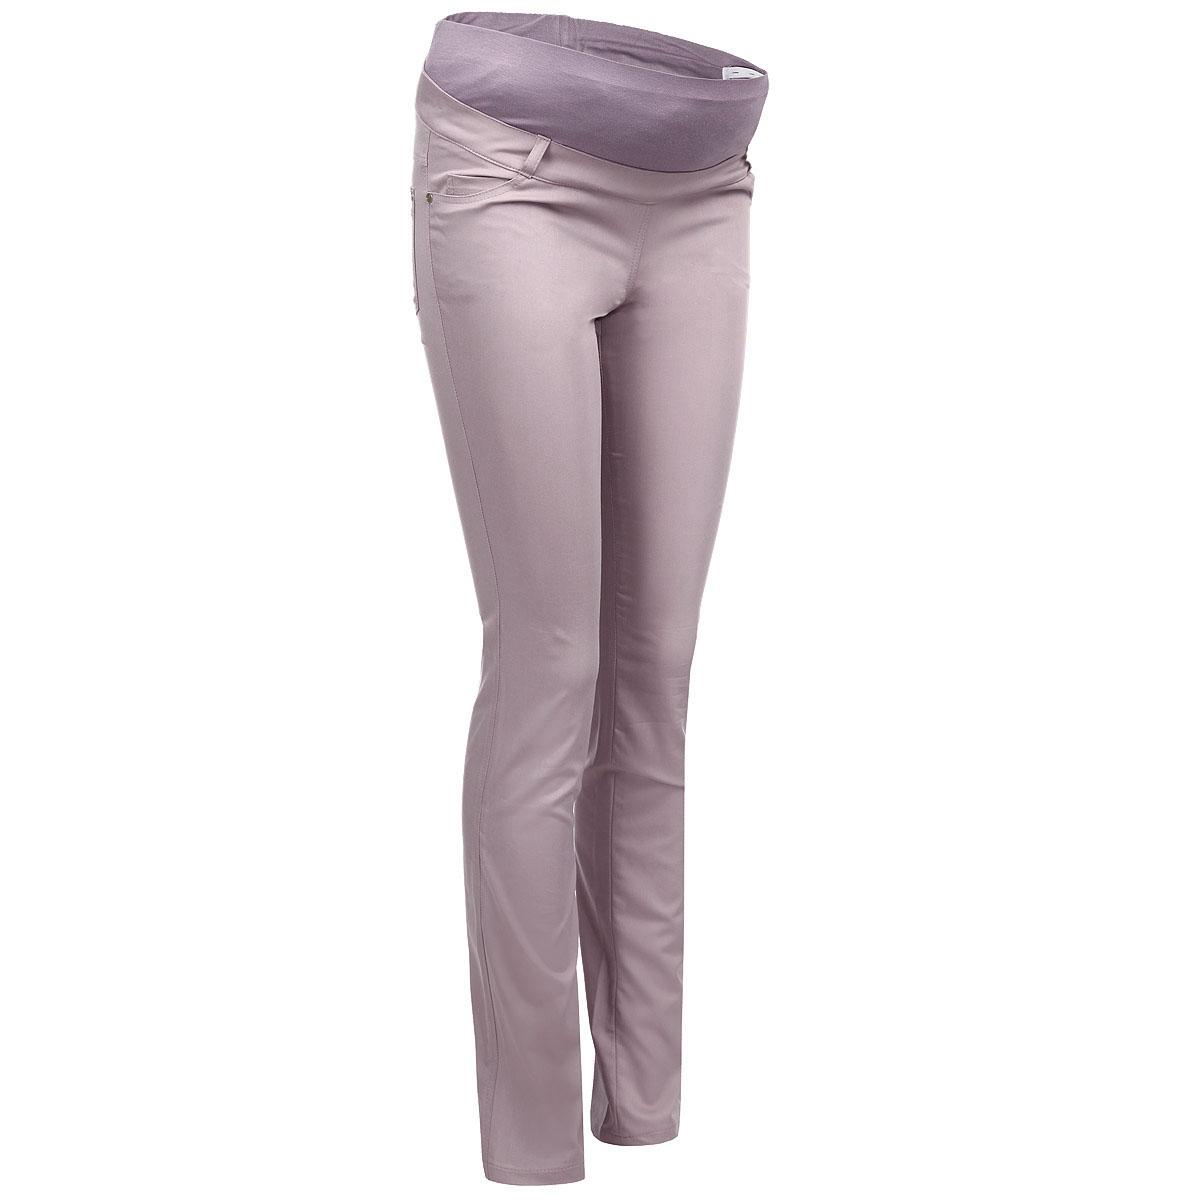 Брюки для беременных Nuova Vita, цвет: пыльно-розовый. 5422.5. Размер 50